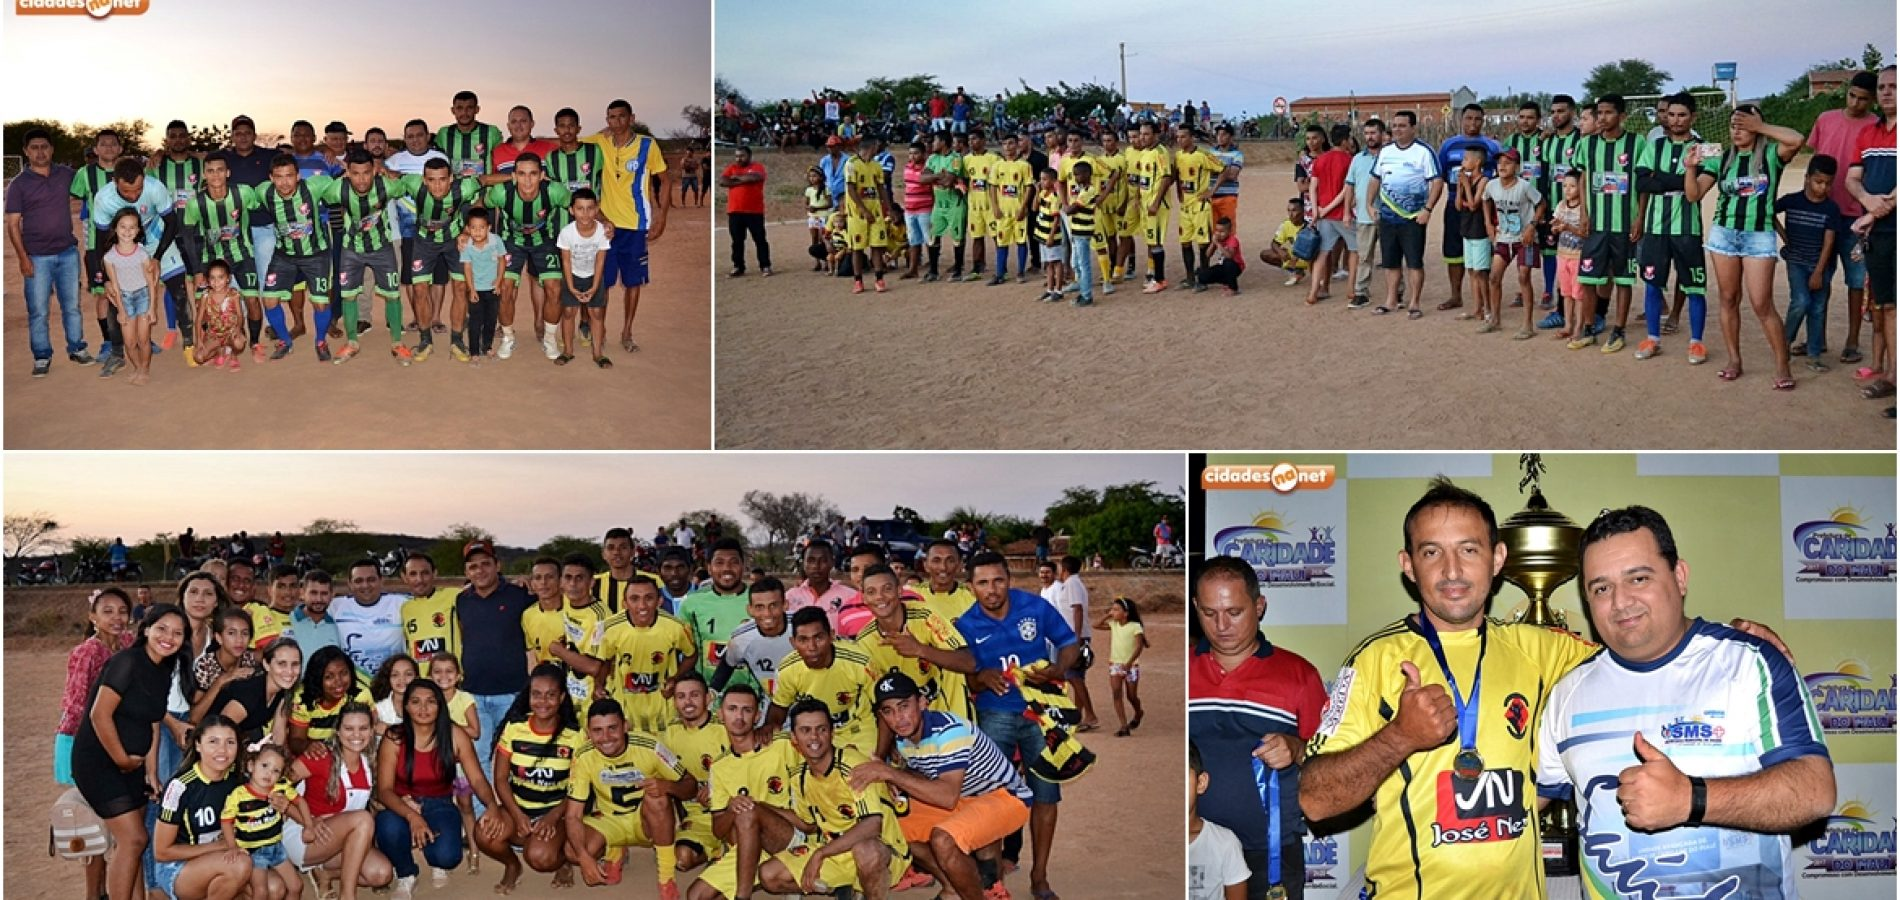 Prefeito Toninho prestigia final de campeonato do interior de Caridade do Piauí